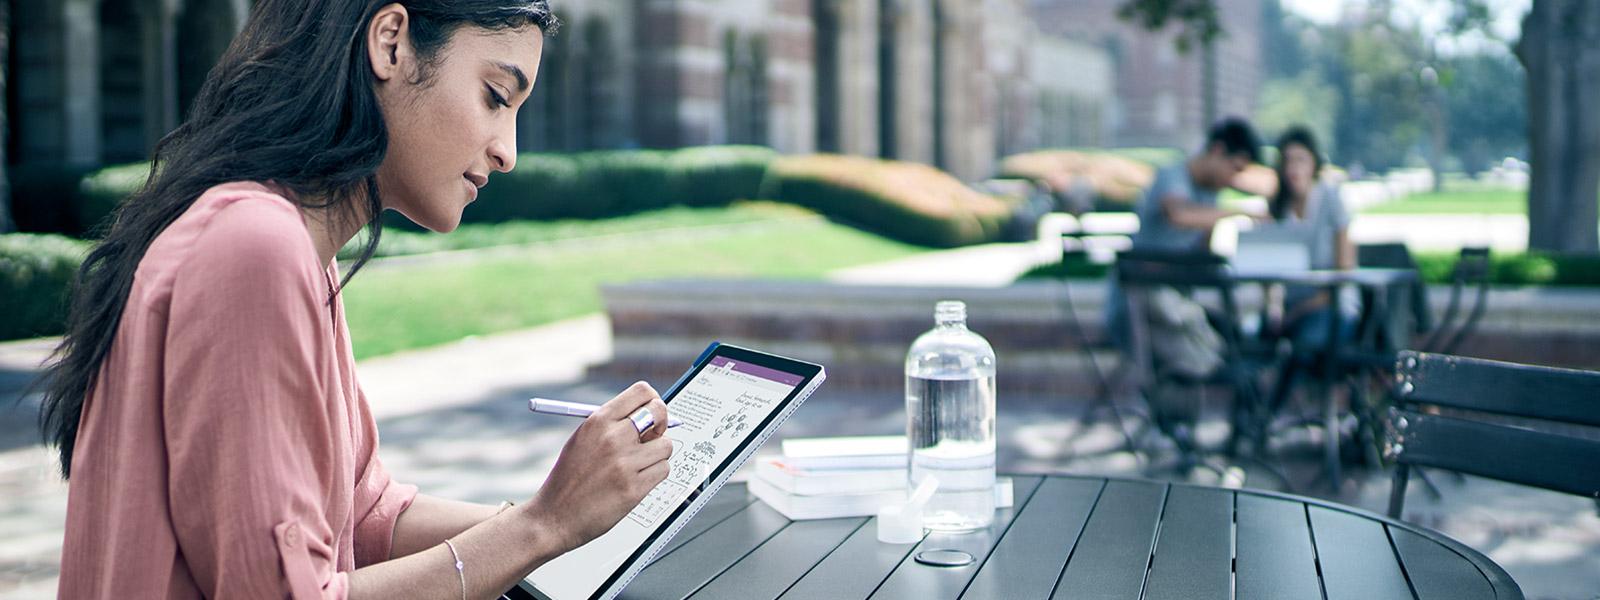 Frau sitzt im Außenbereich und nutzt Touchscreen von Surface Pro 4 im Tabletmodus.